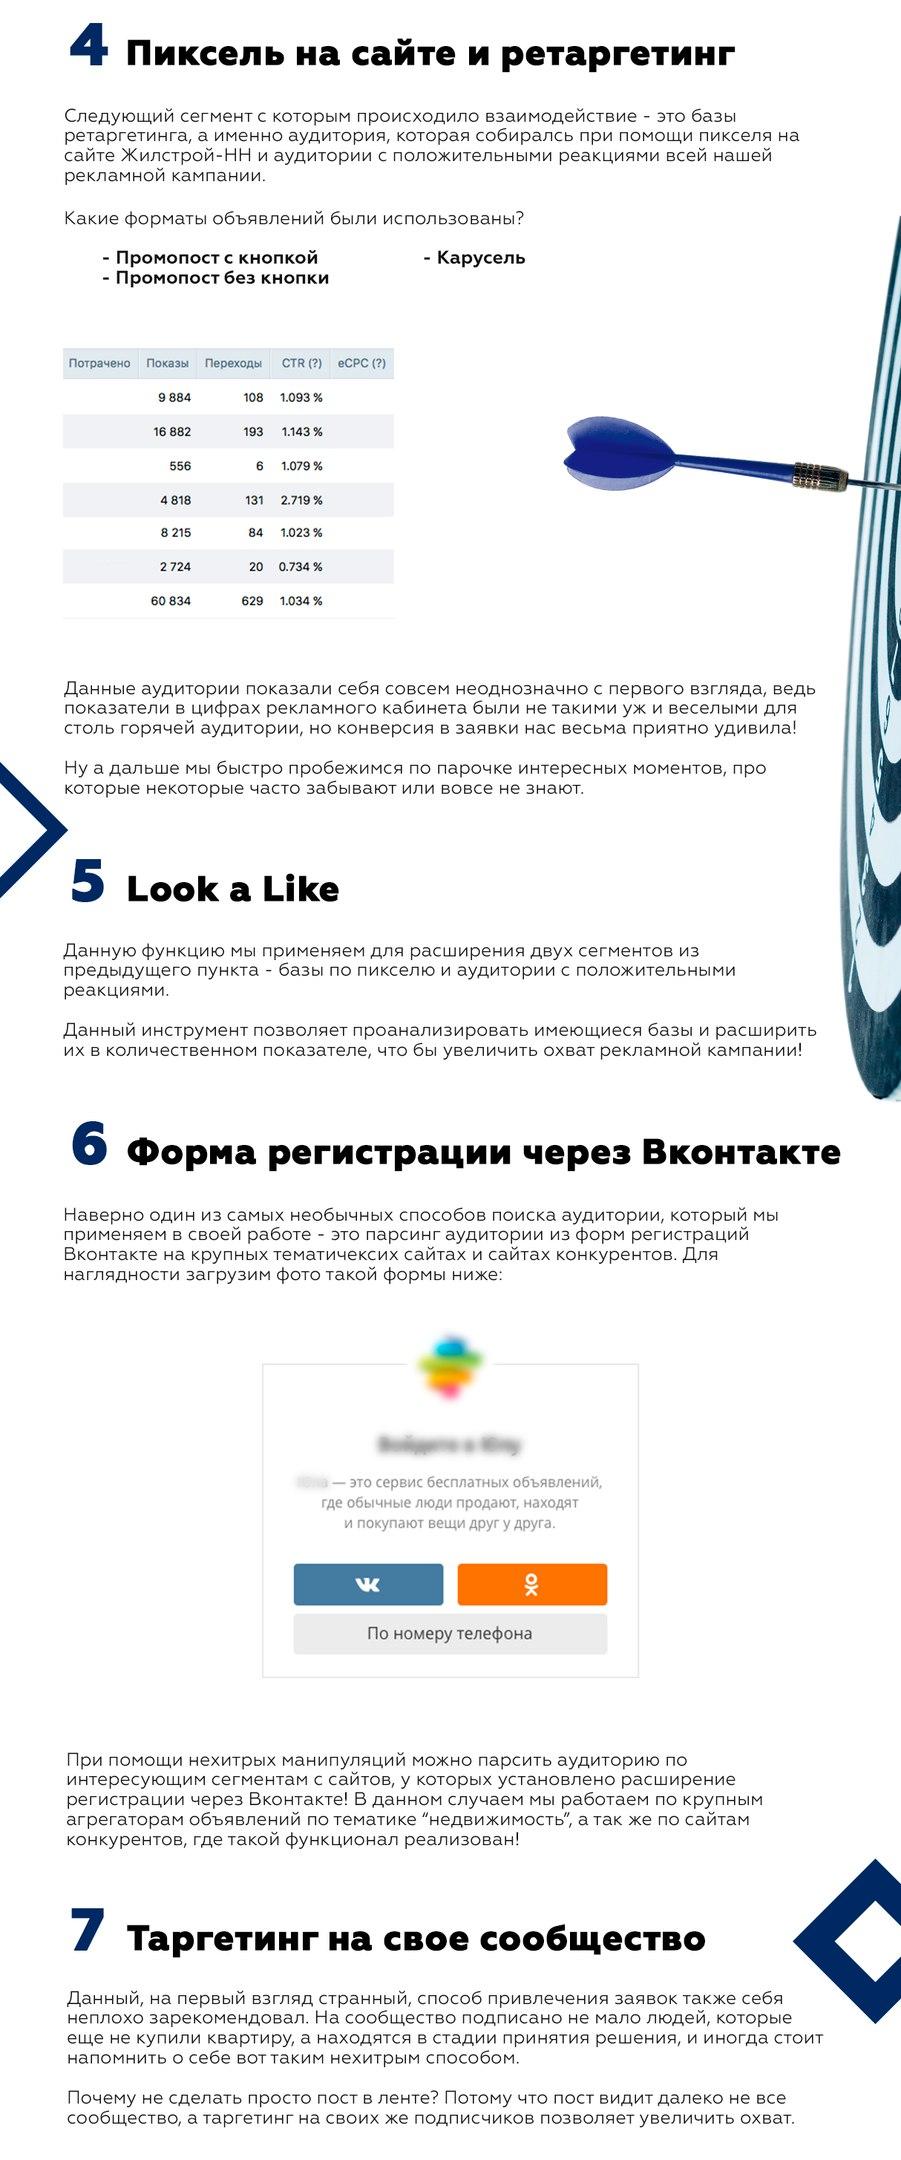 Продвижение крупного регионального застройщика в социальной сети Вконтакте. Часть 2, изображение №6